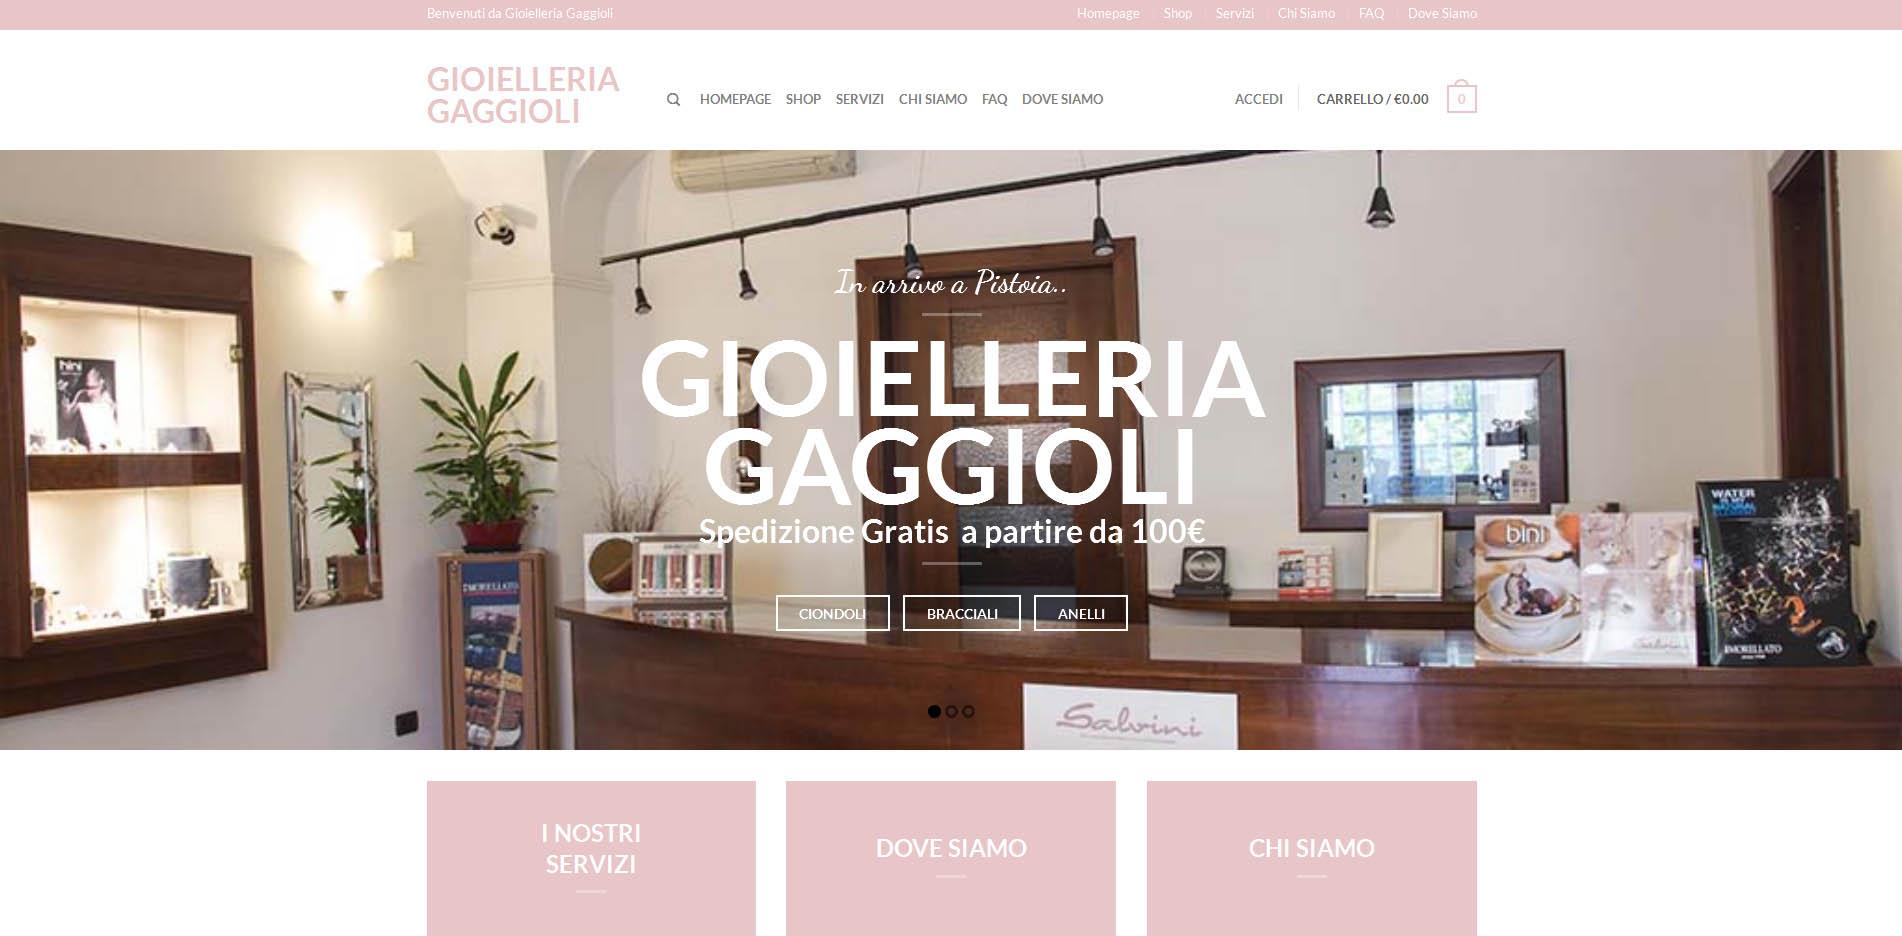 Gioielleria Gaggioli